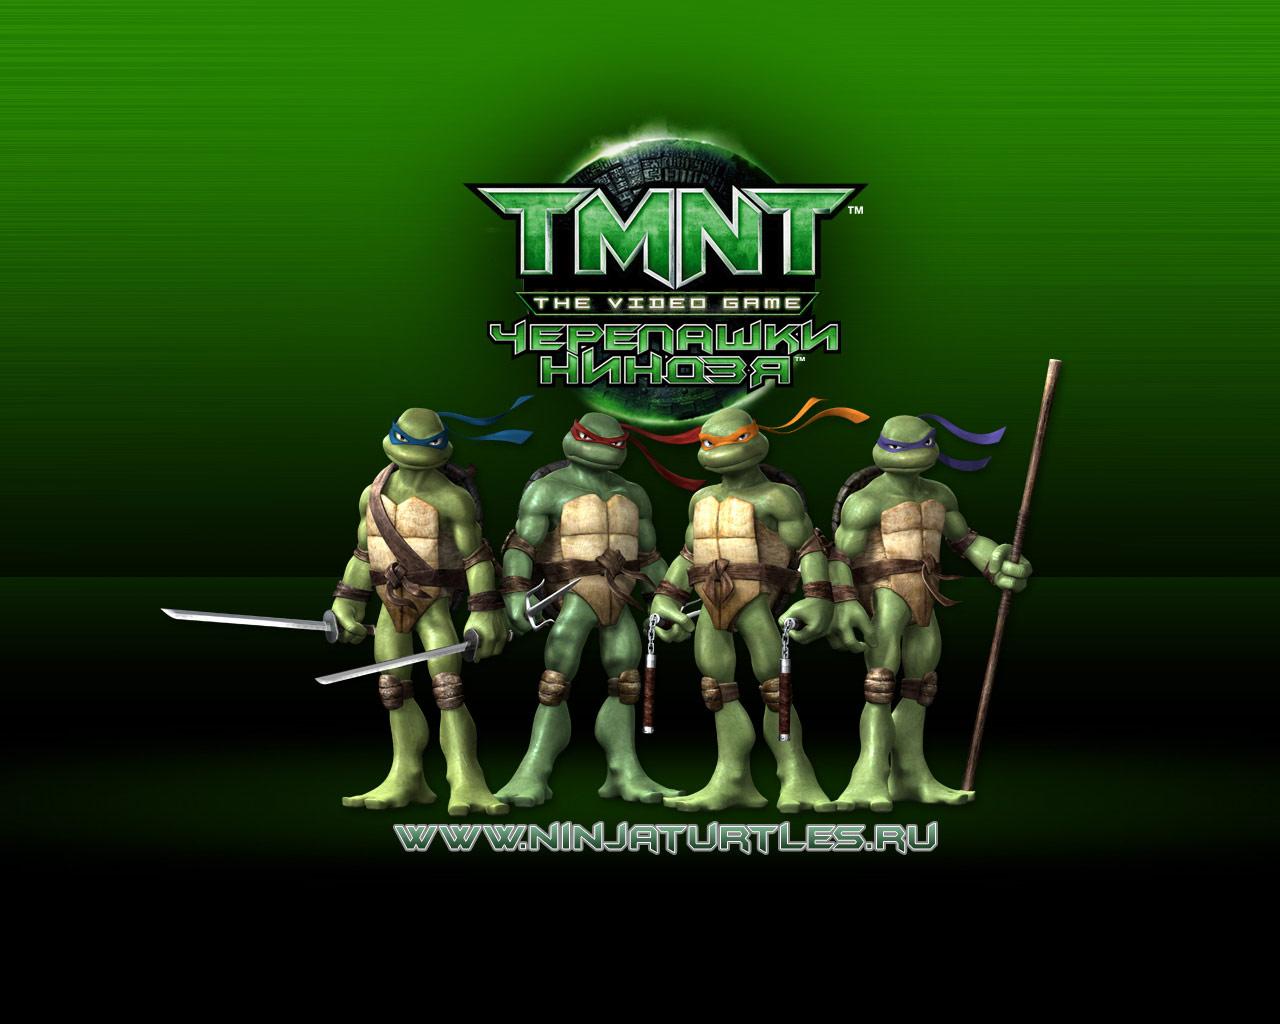 TMNT 2007 wallpaper (83)